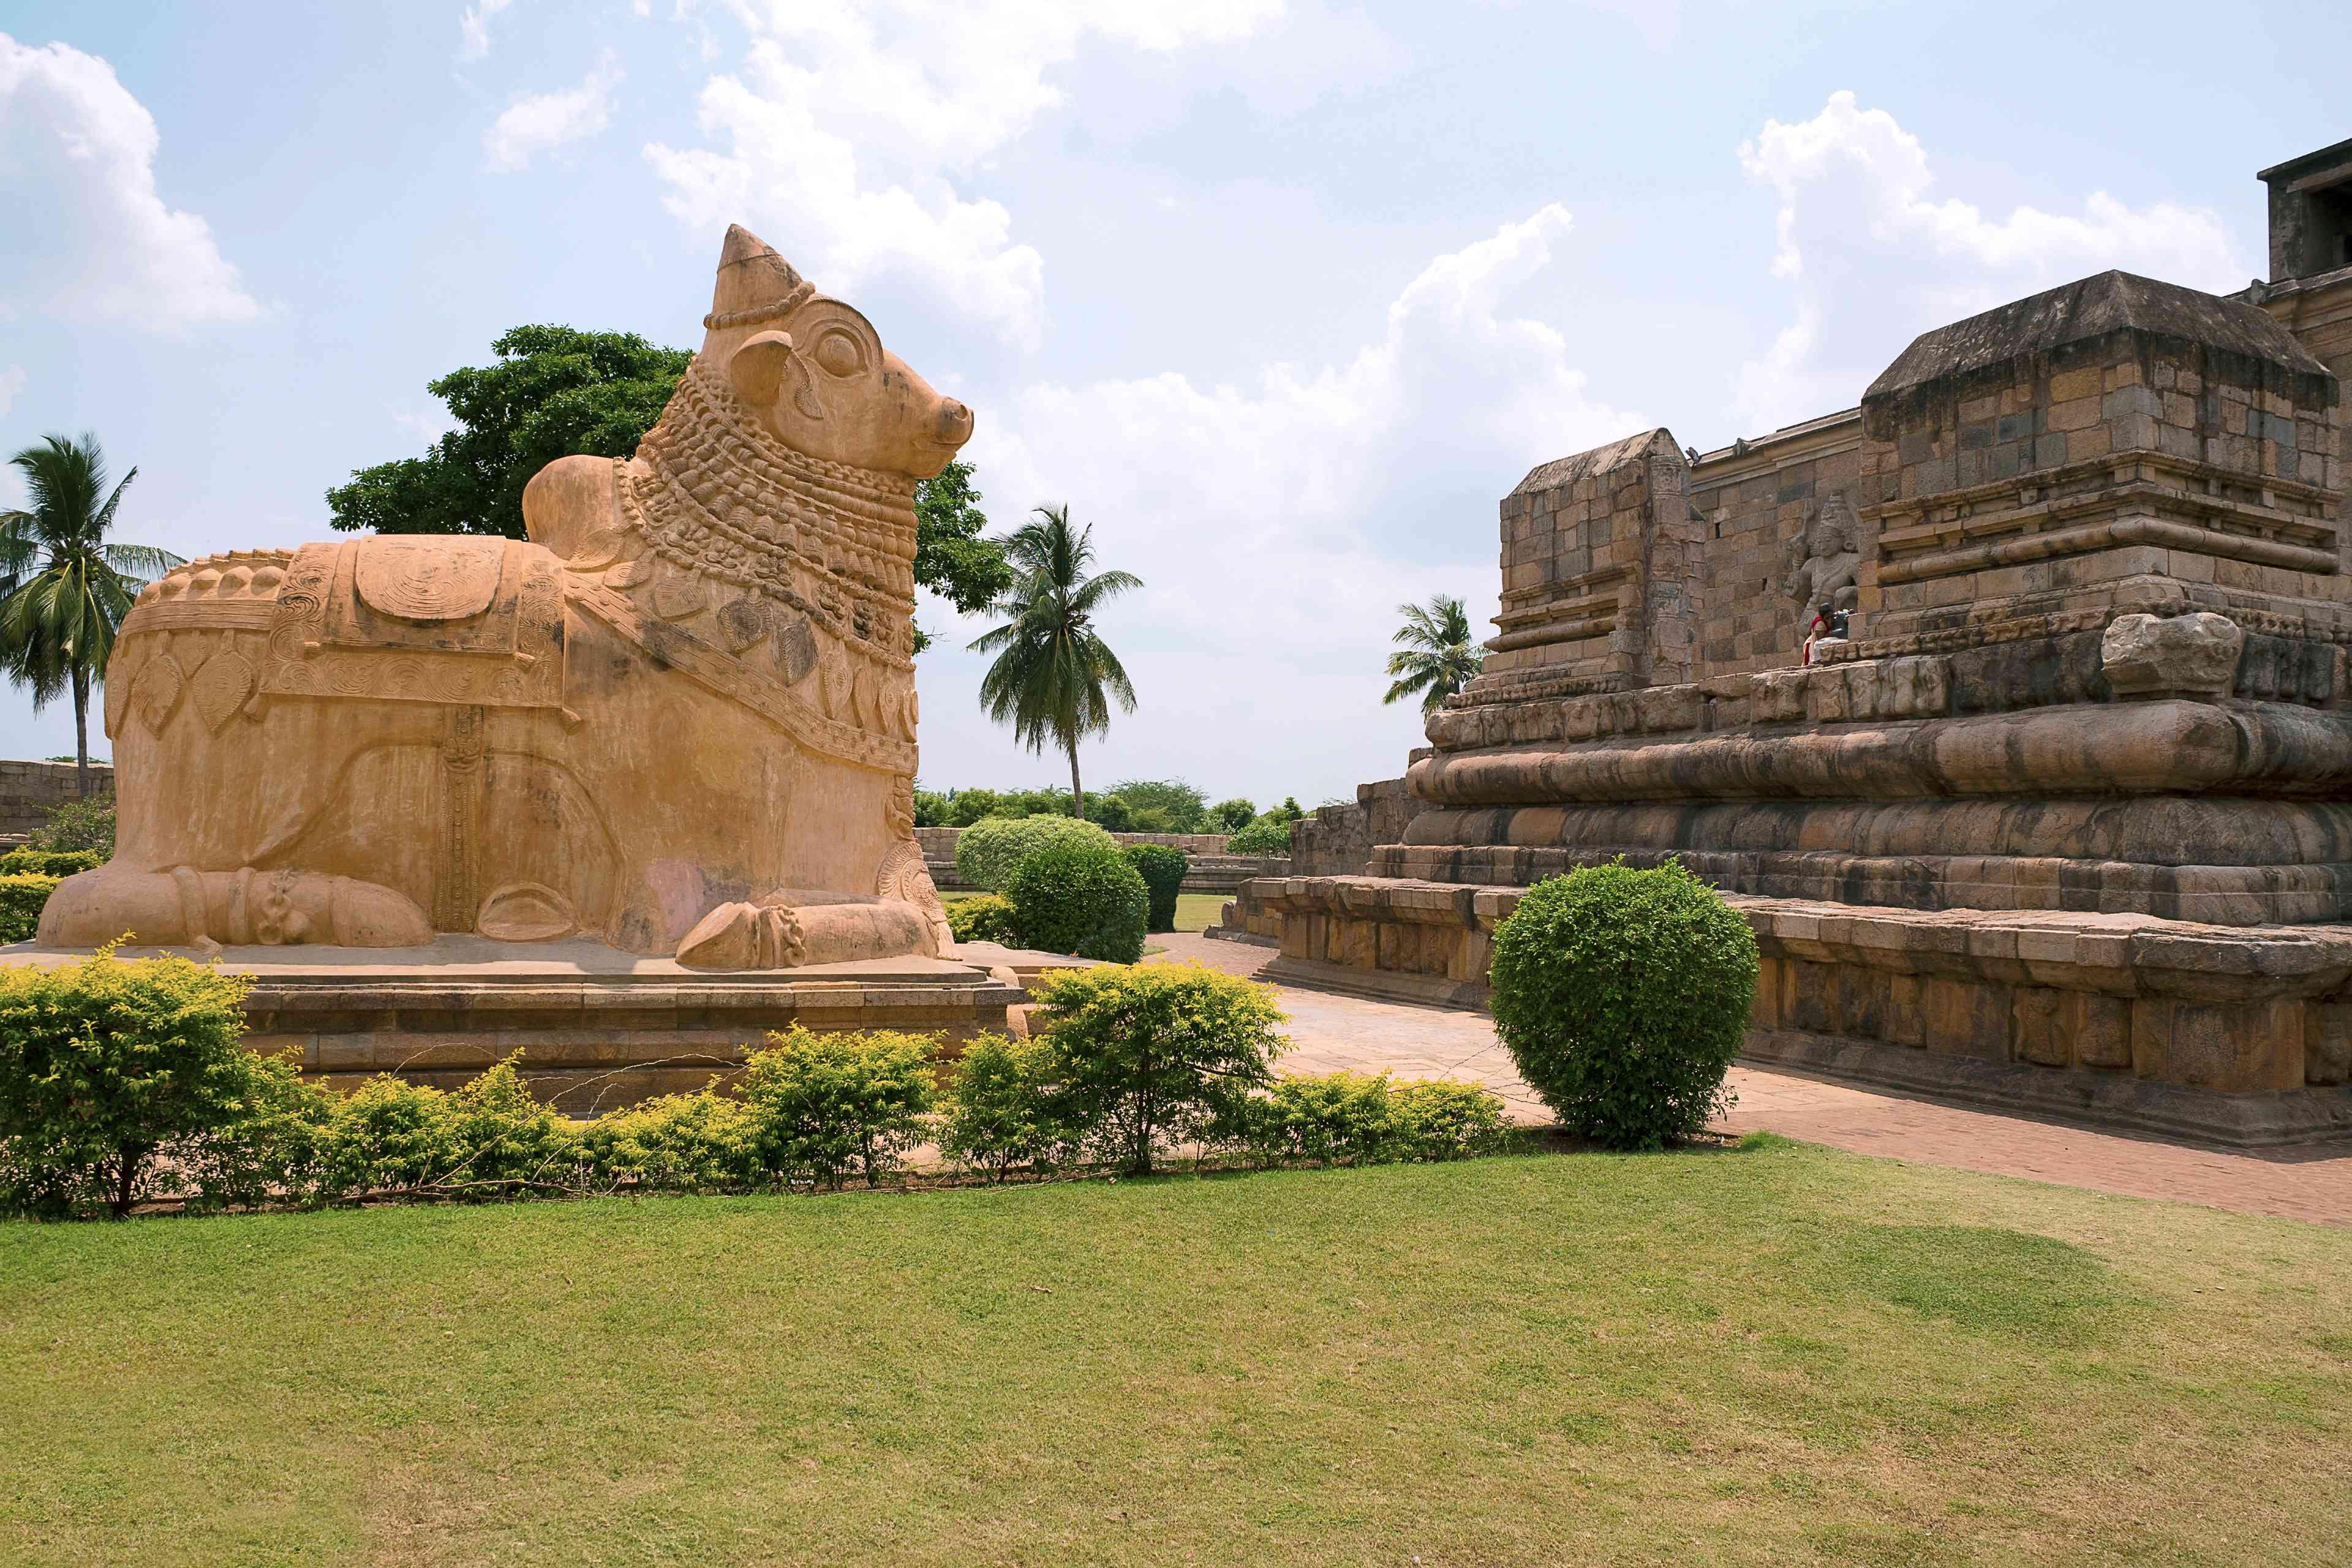 Huge Nandi bull at the entrance, Brihadisvara Temple, Gangaikondacholapuram, Tamil Nadu